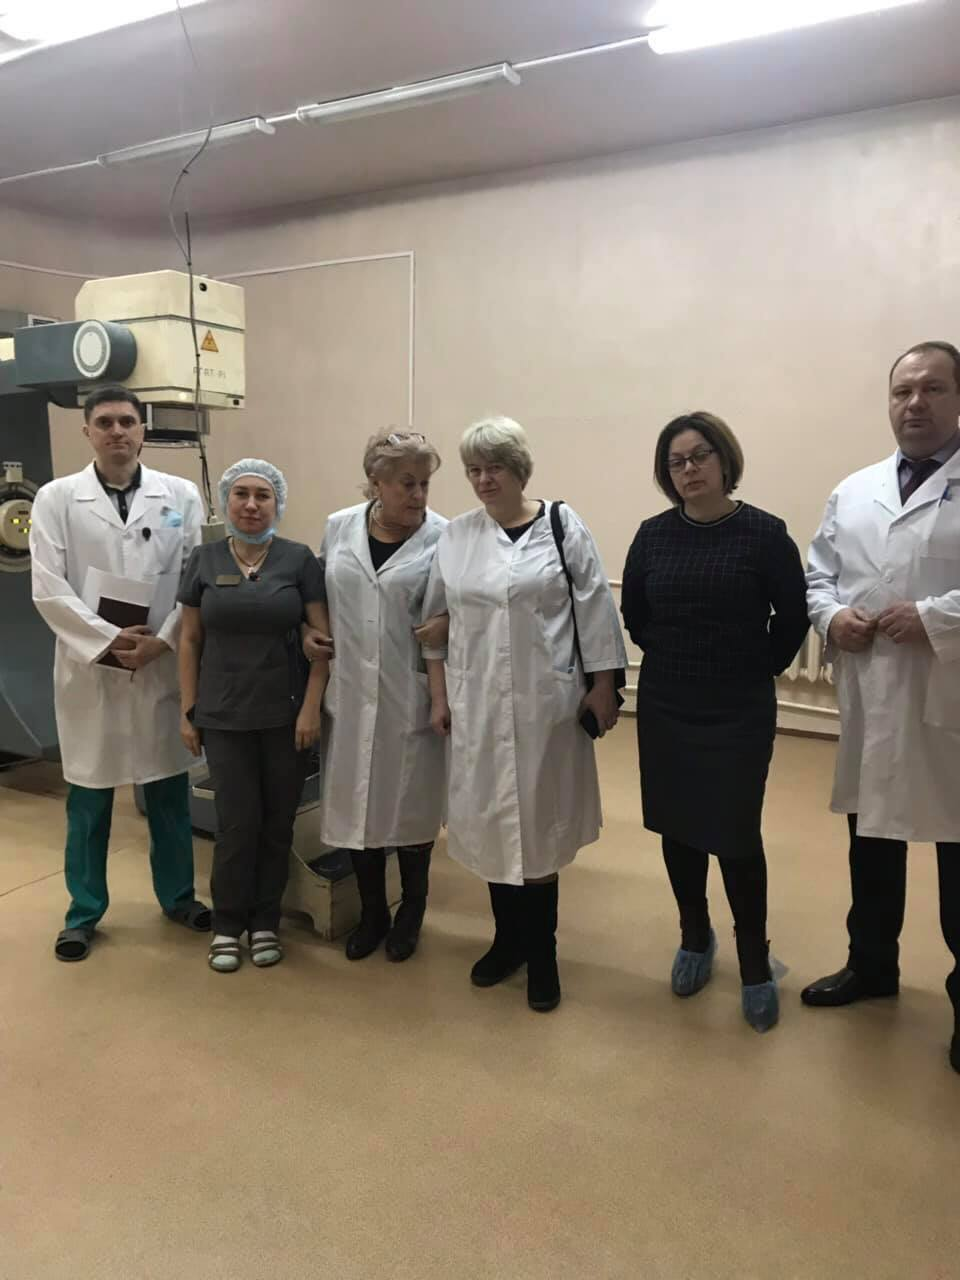 14 февраля специалисты министерства здравоохранения Иркутской области во главе с заместителем министра Еленой Голенецкой провели рабочее выездное совещание в Ангарске. Вместе с замминистра в выездном мероприятии приняли участие взд начальника управле…